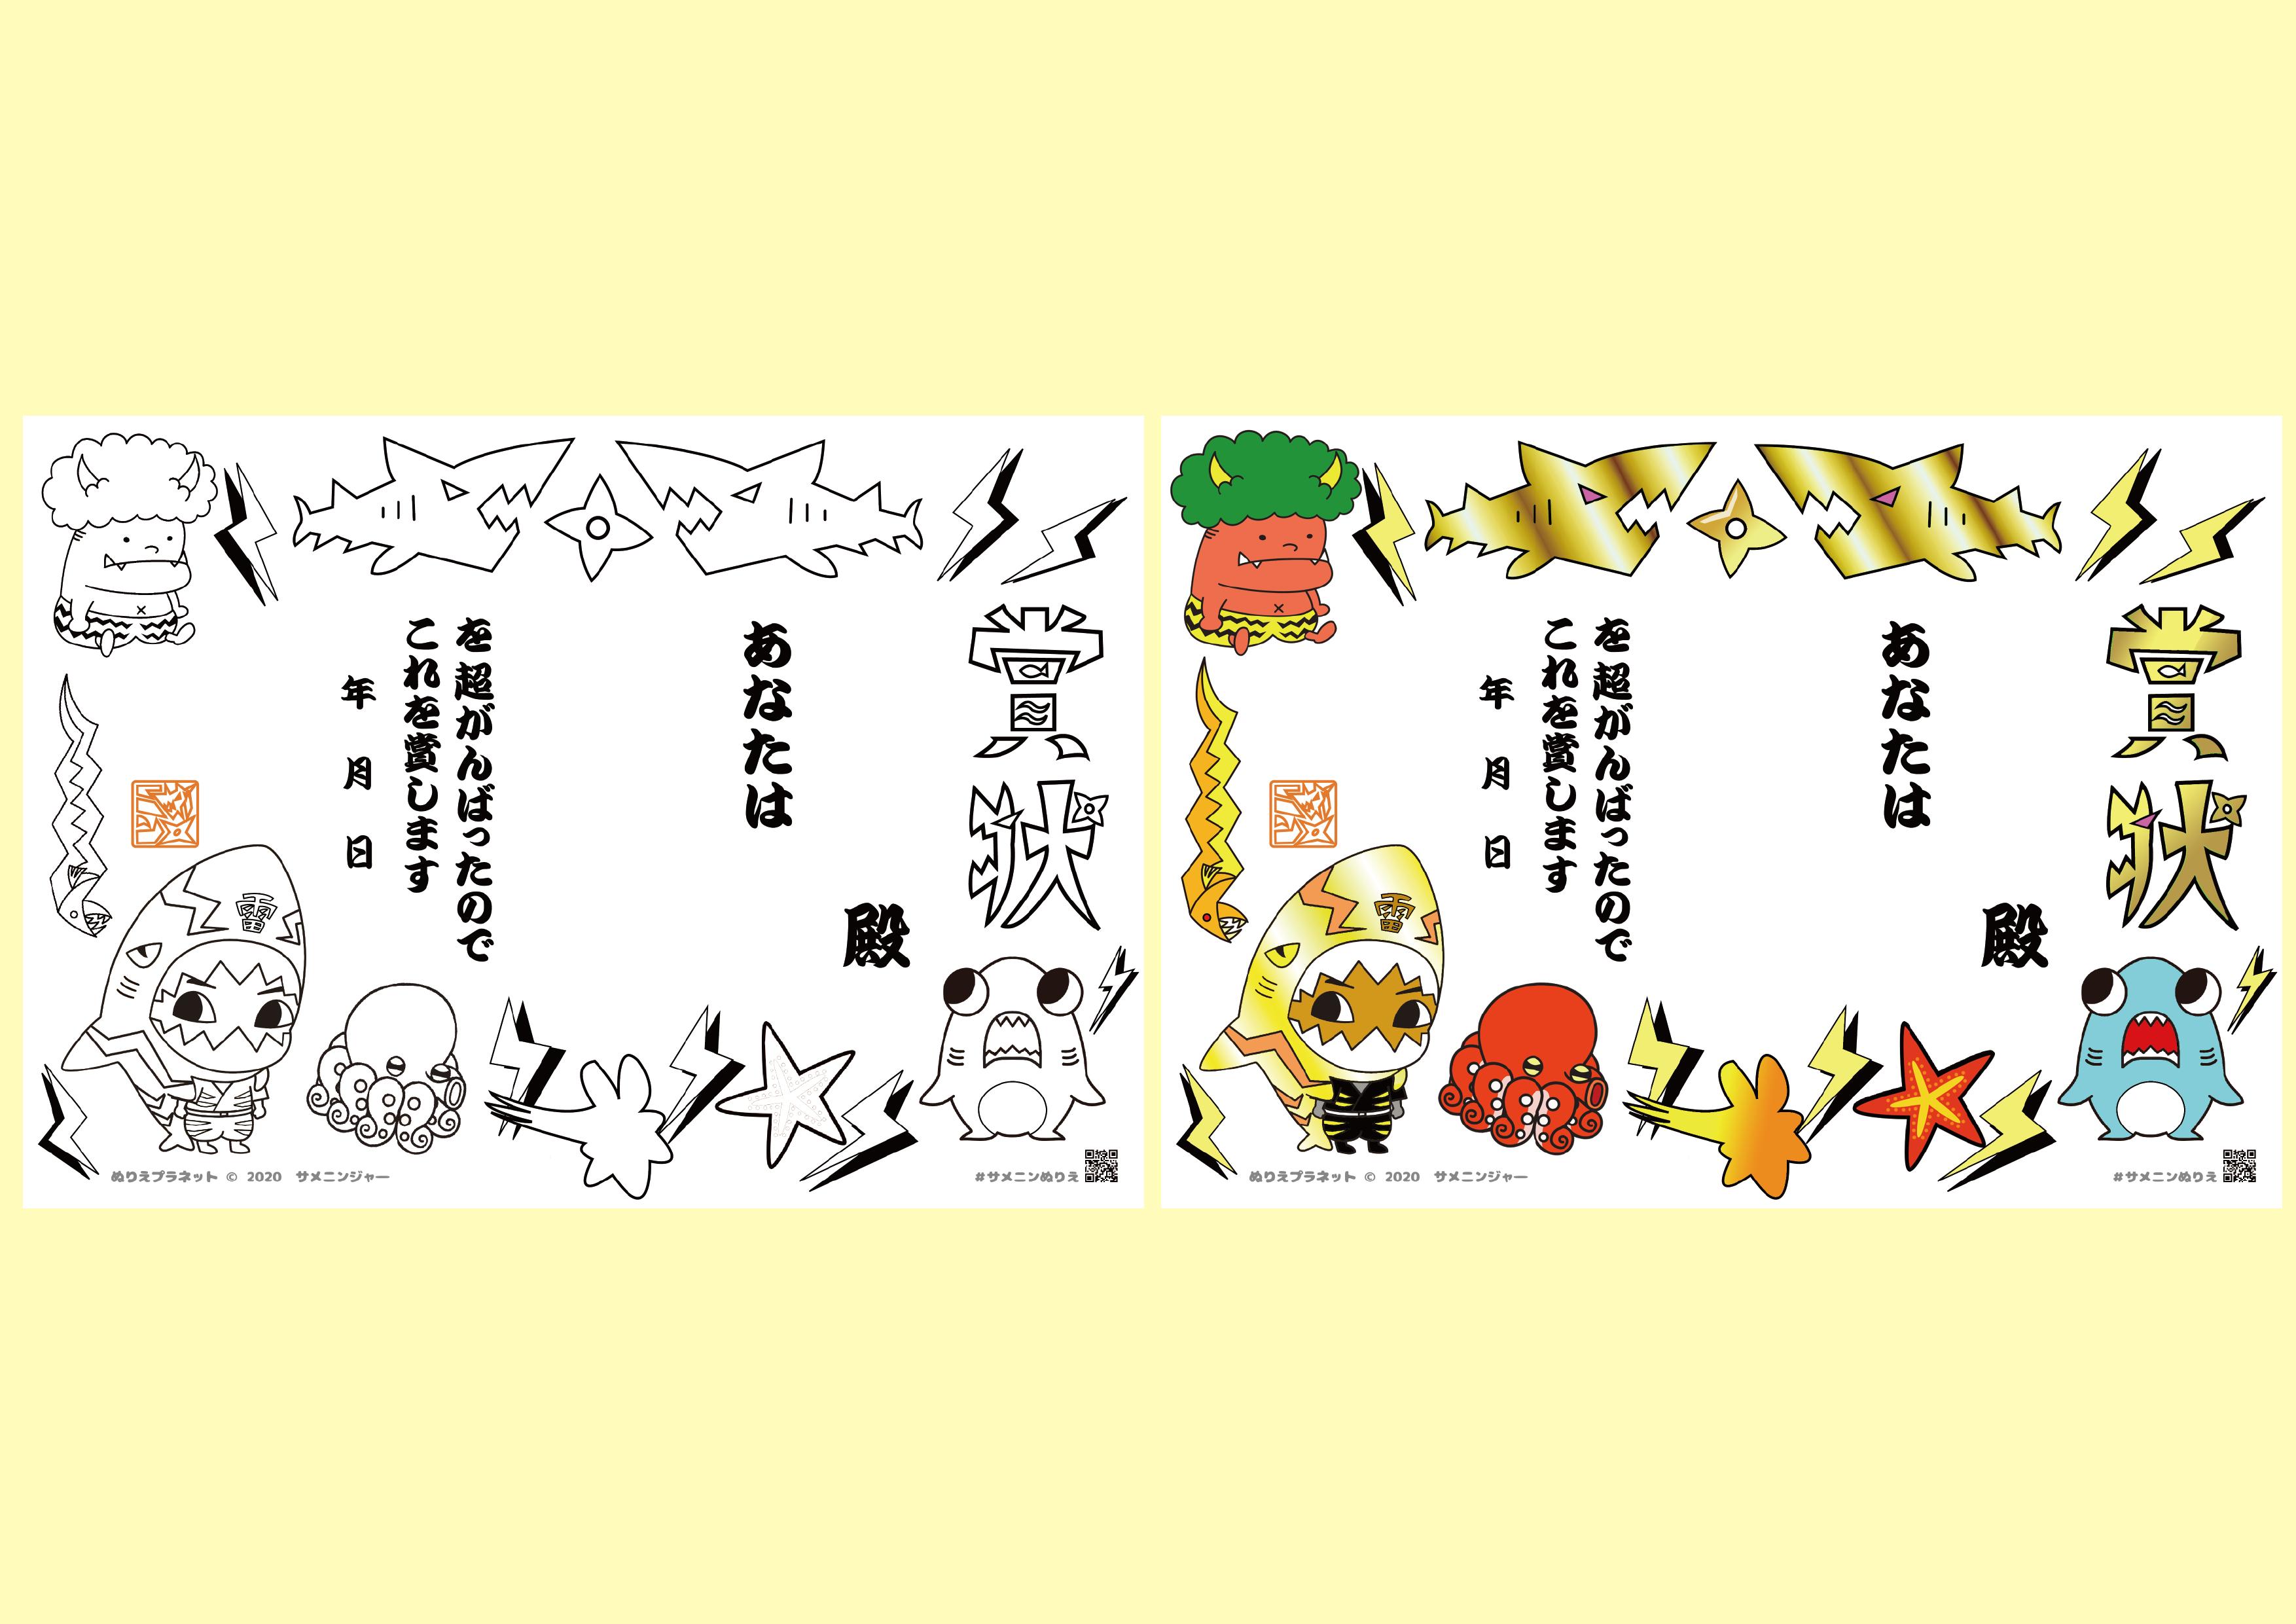 サメニンジャーのタイガとワサビの賞状のアイキャッチ画像です。